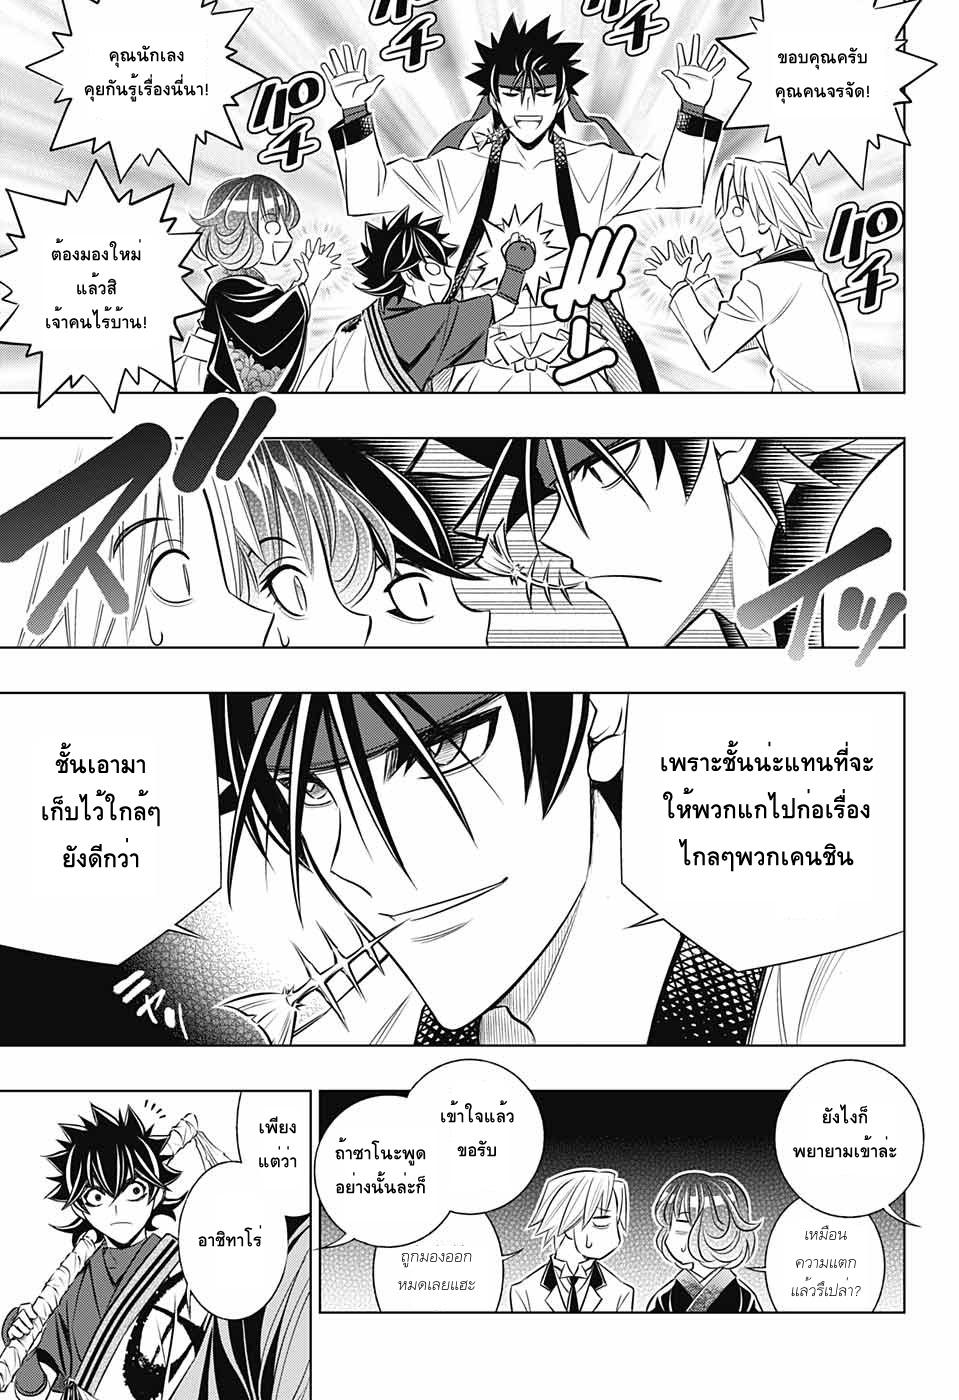 อ่านการ์ตูน Rurouni Kenshin: Hokkaido Arc ตอนที่ 13 หน้าที่ 13